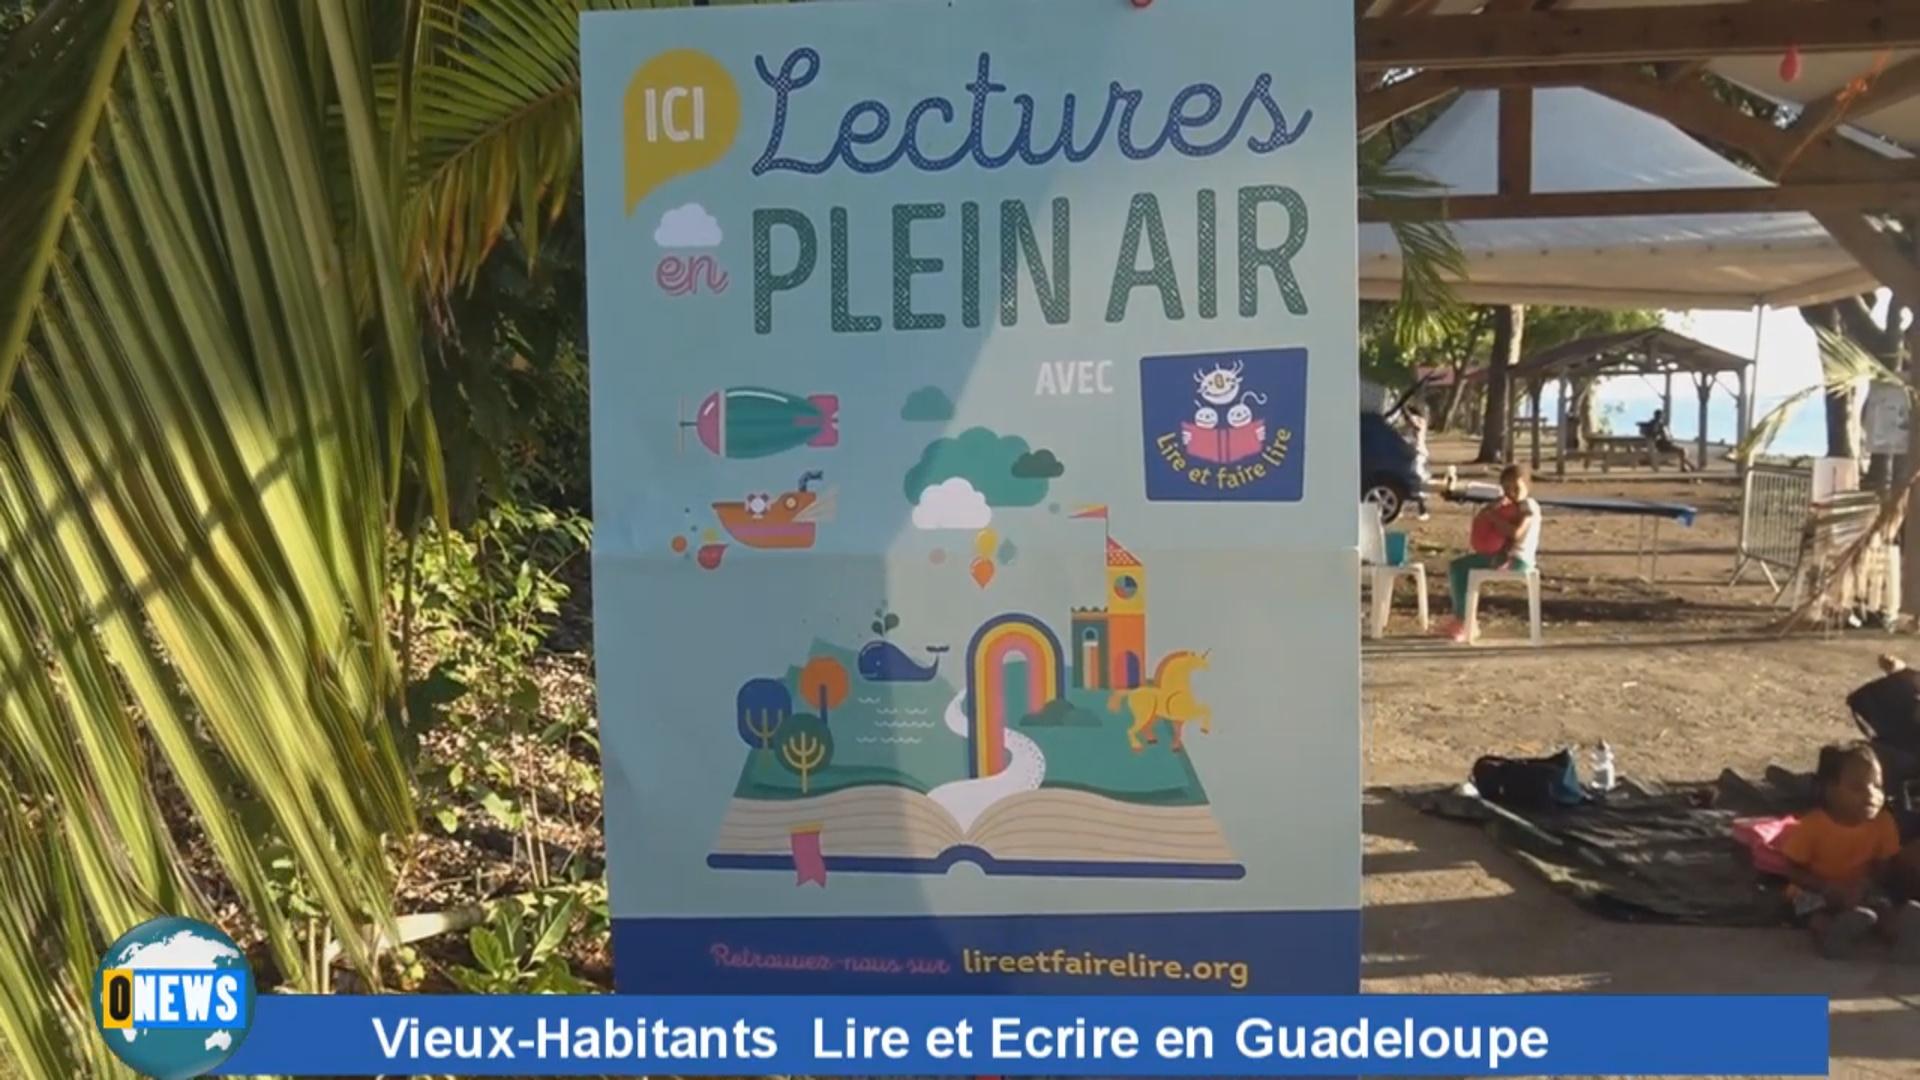 [Vidéo] Onews Guadeloupe. Manifestation Lire et écrire en Guadeloupe